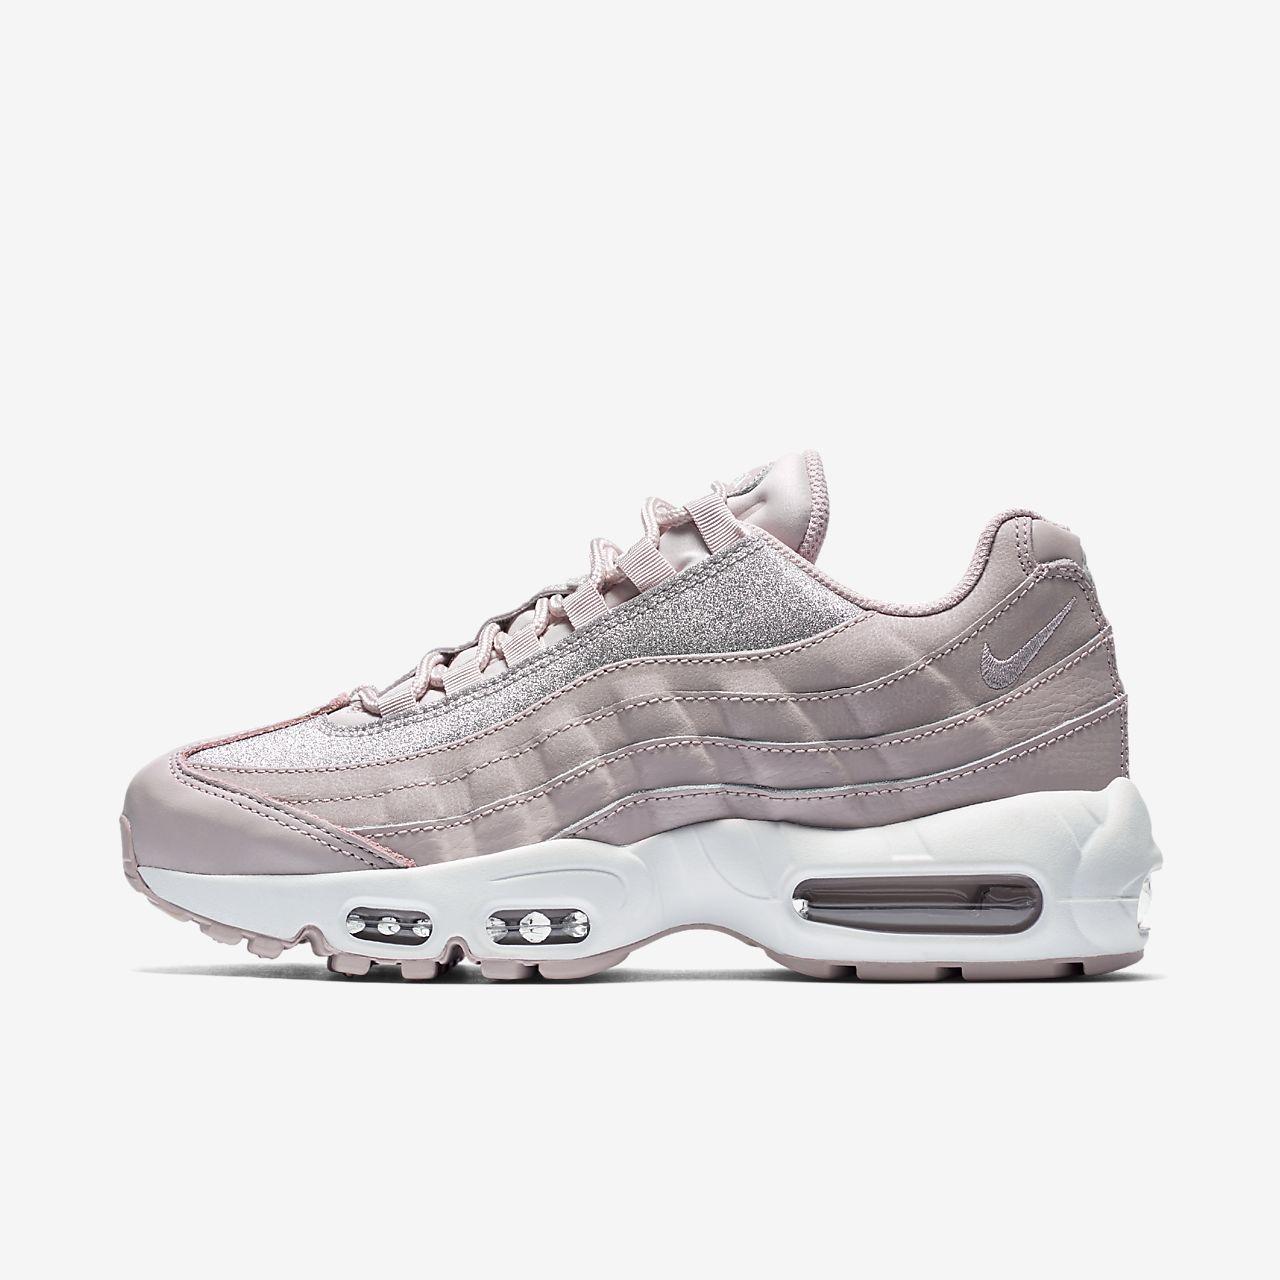 meet 326da a8051 where to buy stilvoll nike air max 95 damen aag1774 2beda 7127b best  calzado para mujer nike air max 95 se glitter c023b c17bb